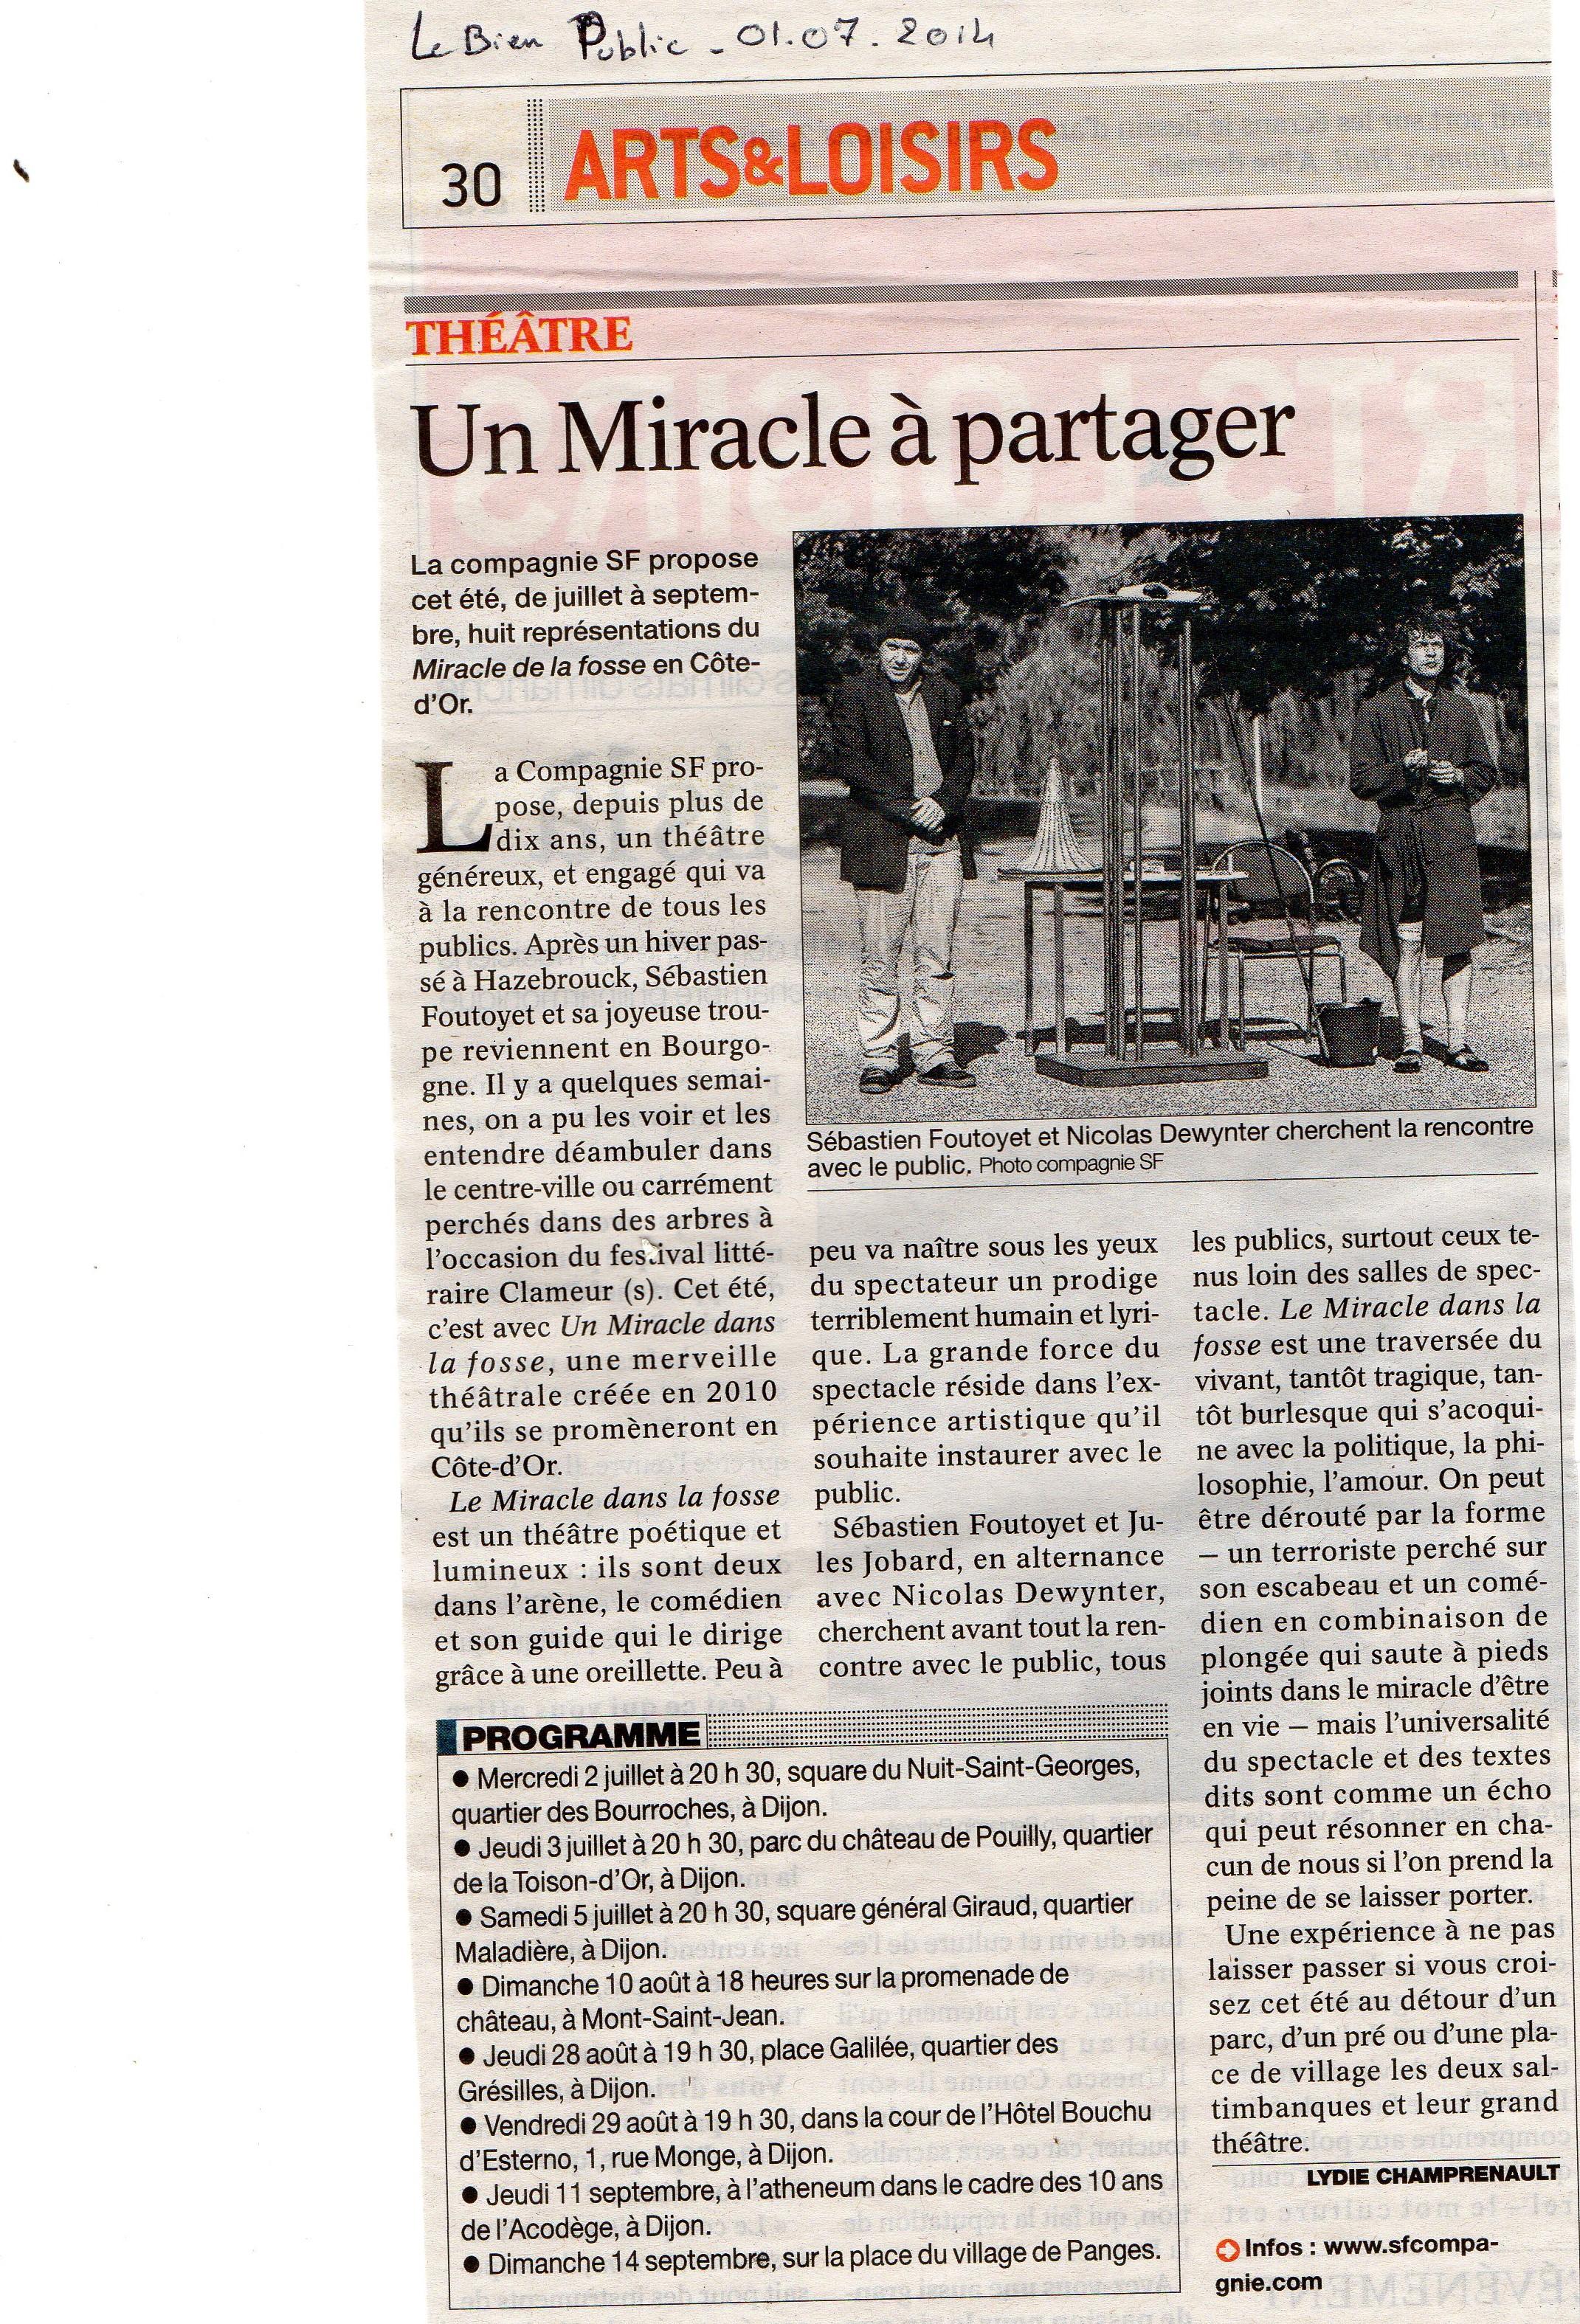 Merci à Lydie Champrenault pour ce bel article.